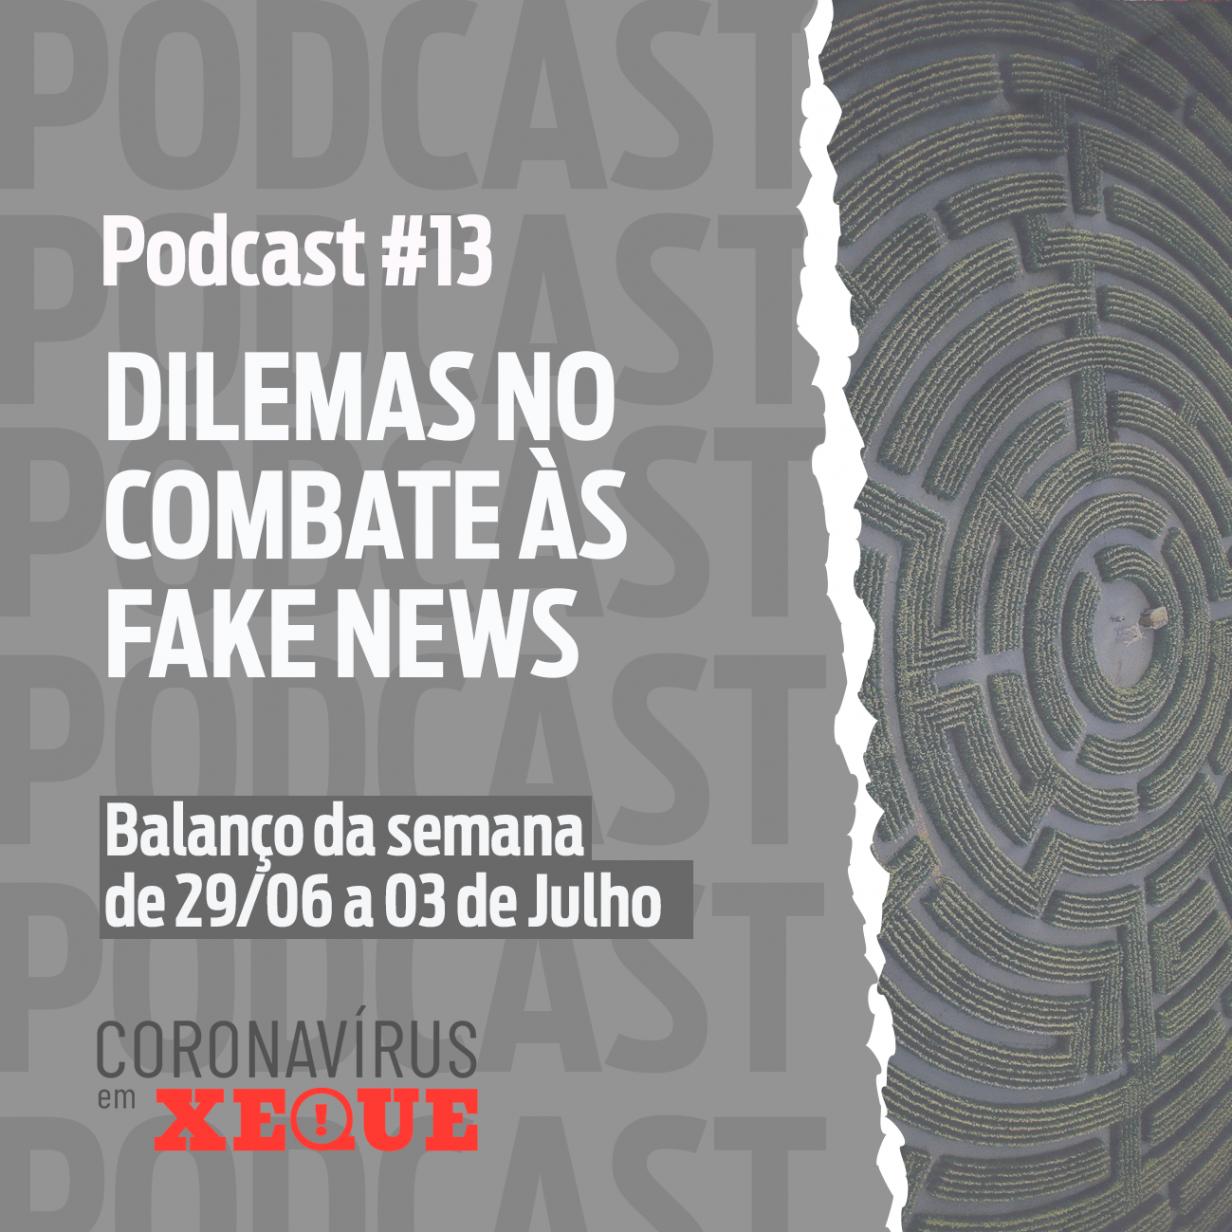 Dilemas no combate às fake news